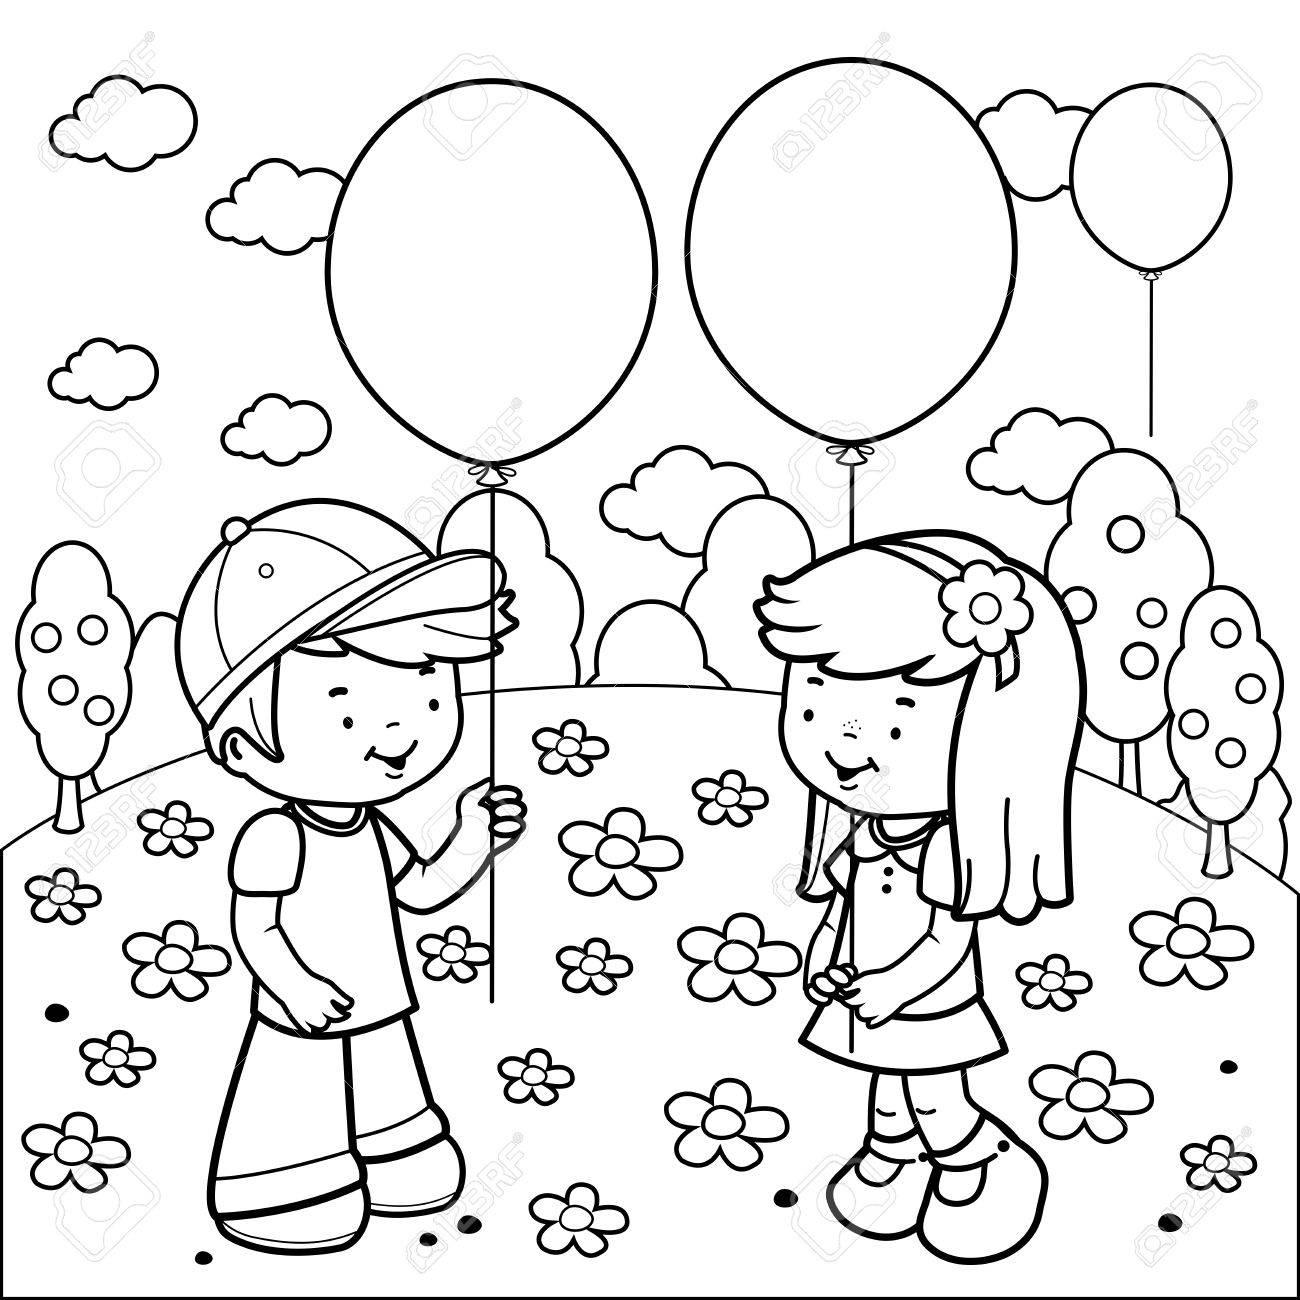 Niños En El Parque Jugando Con Globos. Página Para Colorear En ...